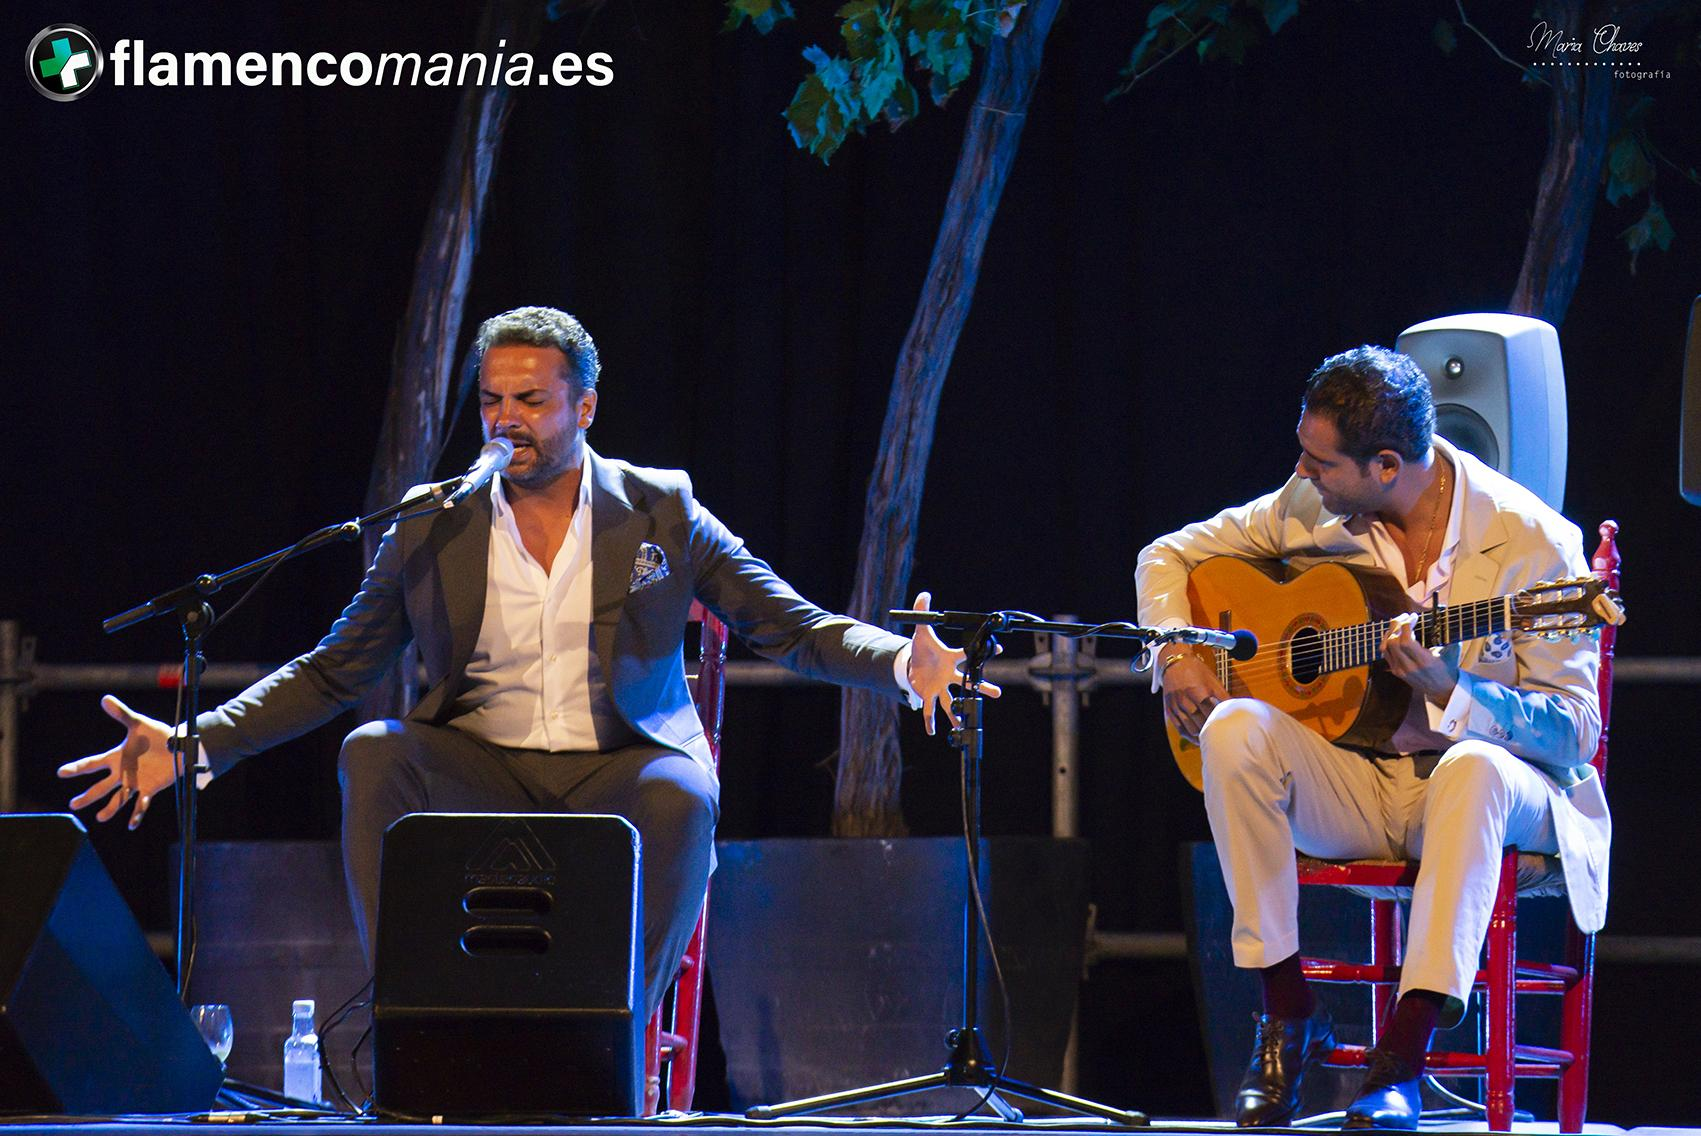 Jesús Méndez, Israel Fernández, Juanito Villar y Diego del Morao - Tío Pepe Festival - Ciclo Solera y Compás